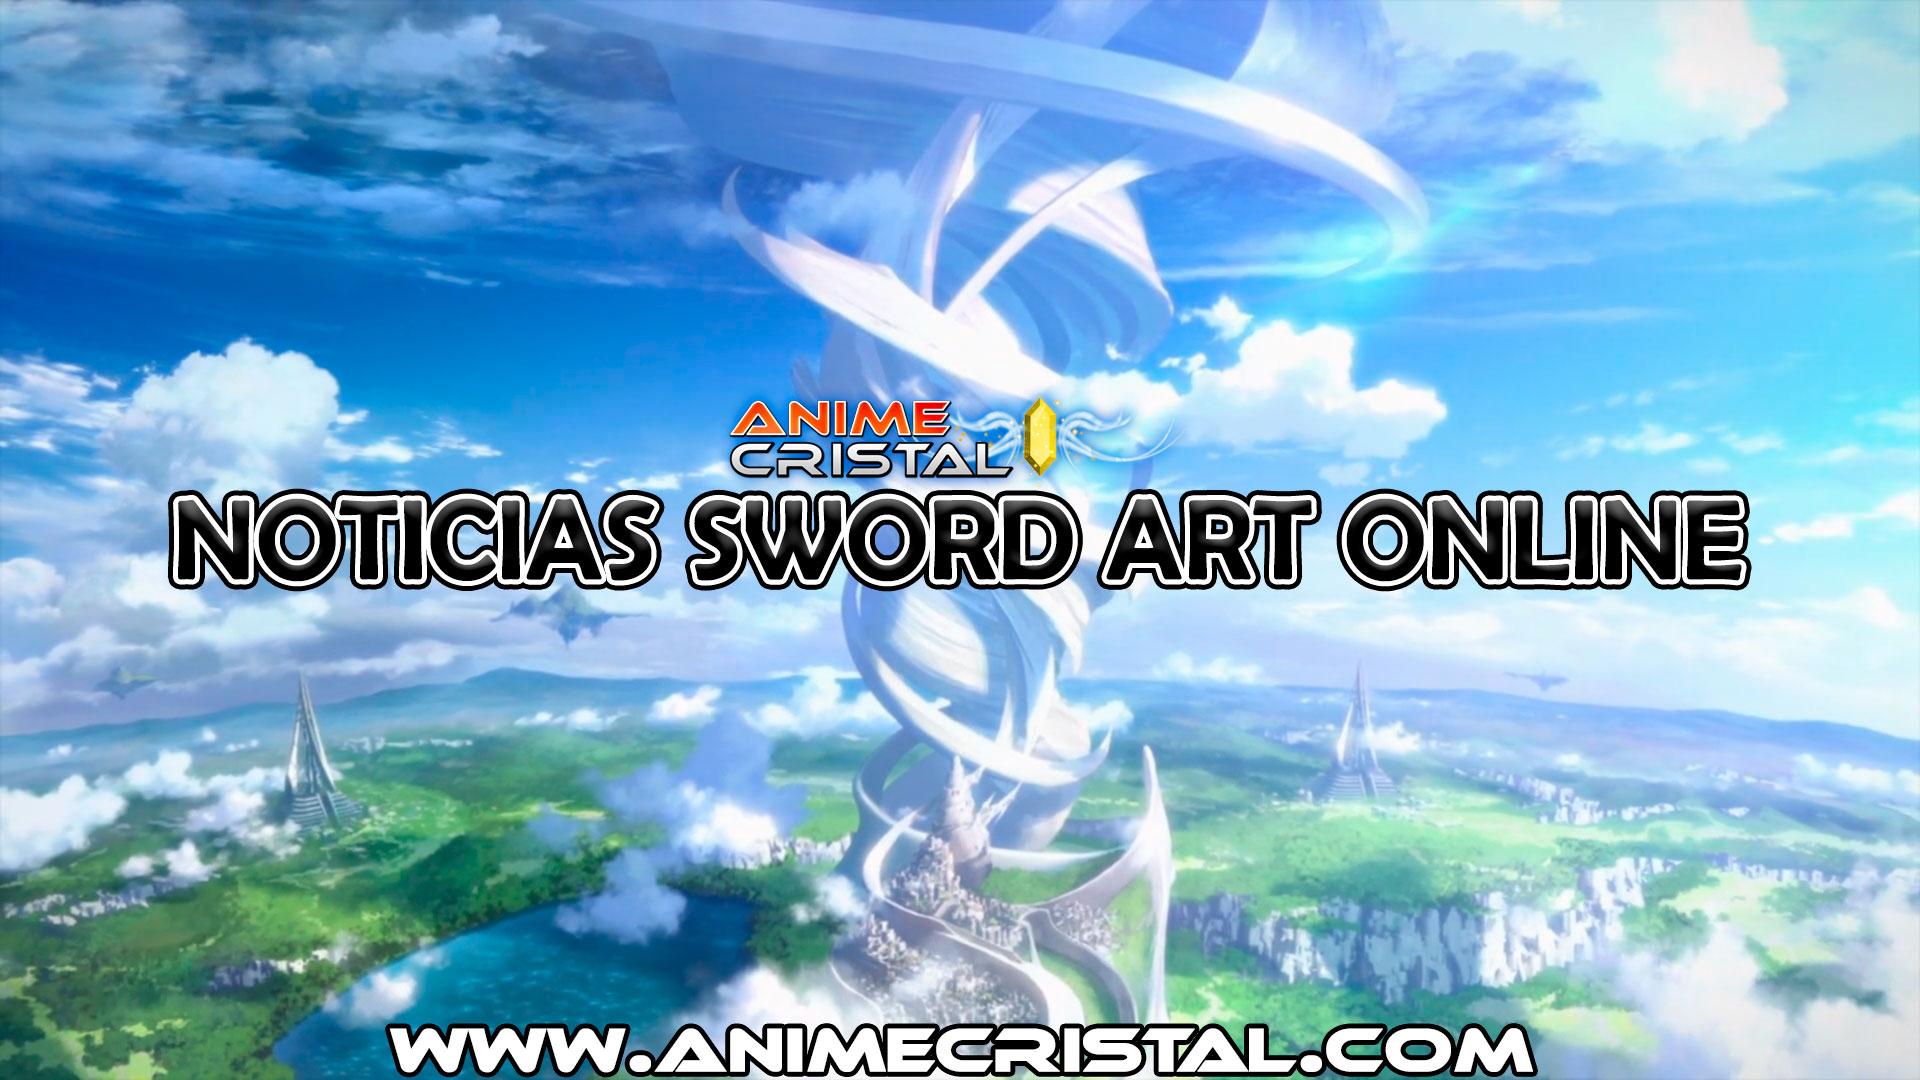 Sword Art Online Noticias